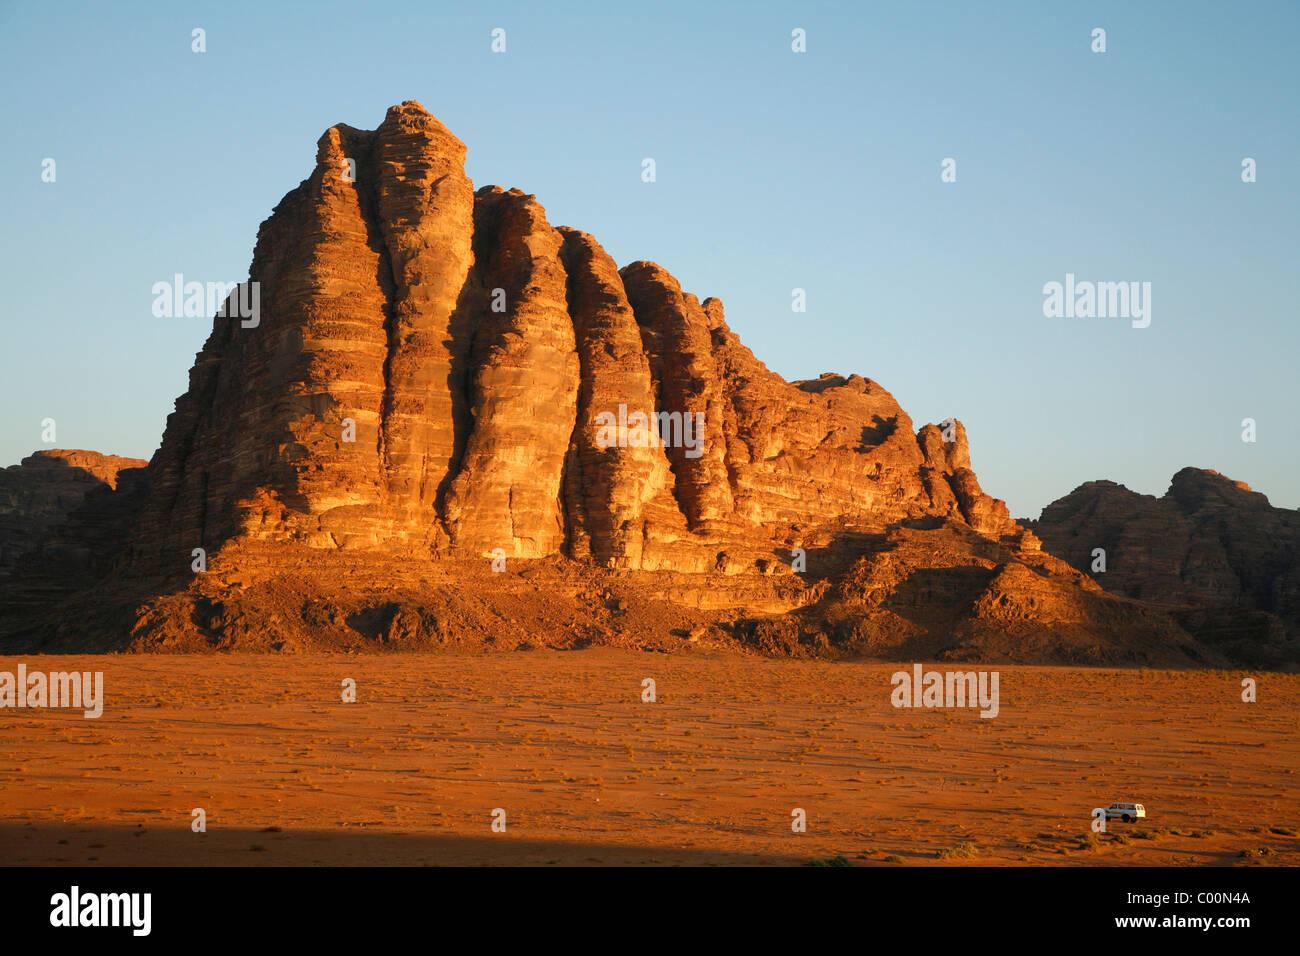 Los siete pilares de la Sabiduría la formación rocosa, Wadi Rum, Jordania. Foto de stock